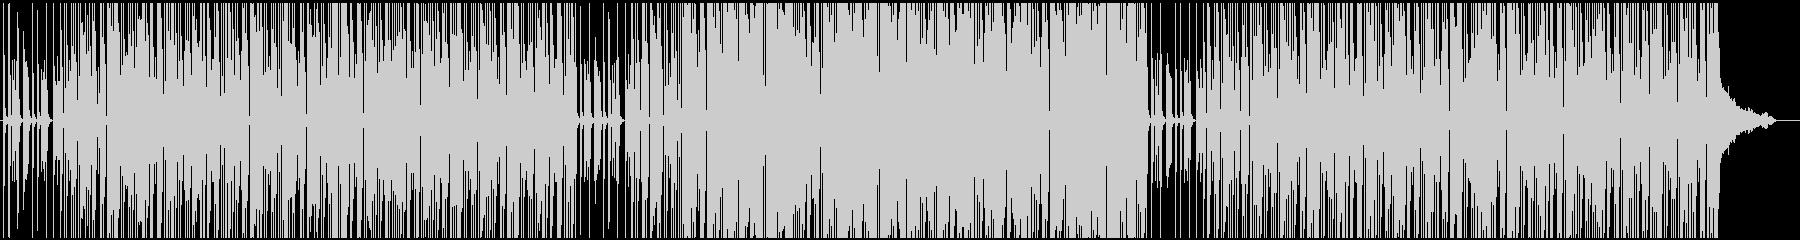 ハードボイルド調のユニゾンギターリフの未再生の波形